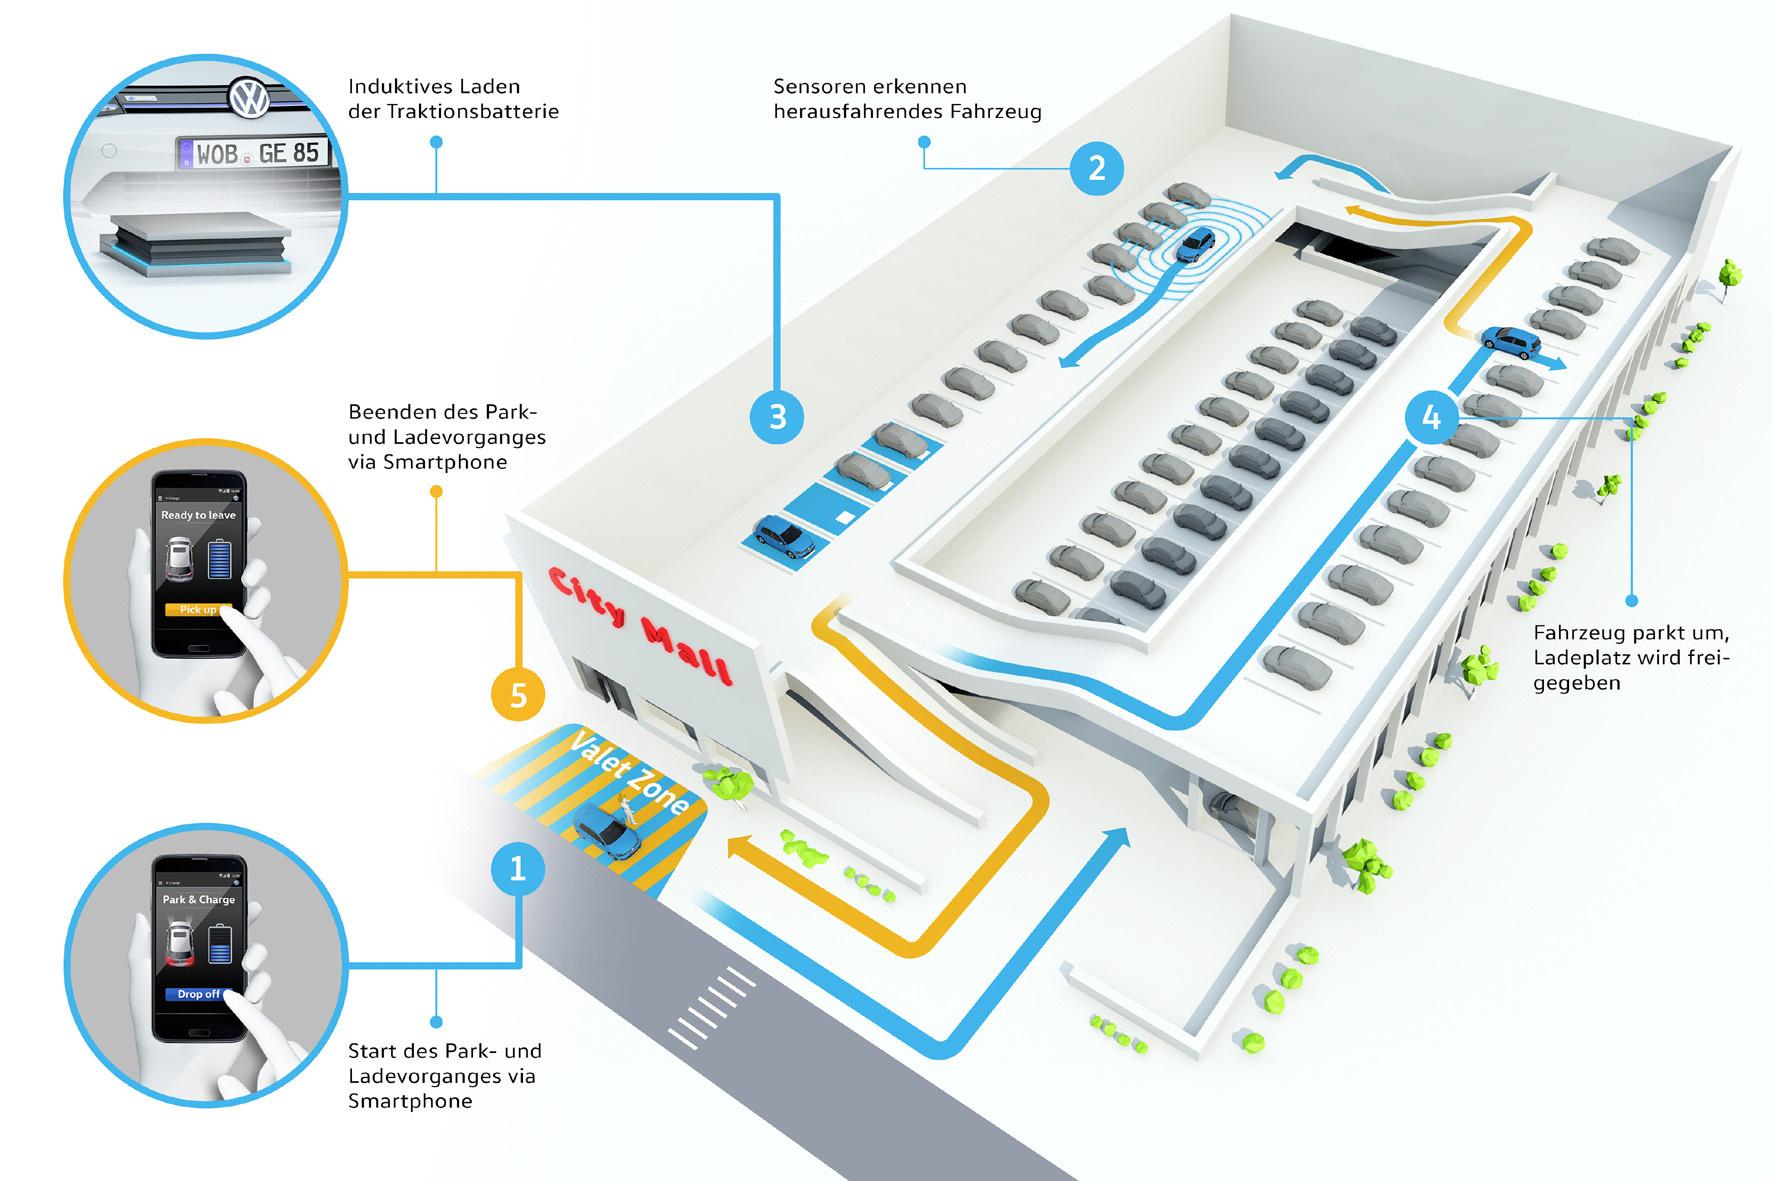 mid Wolfsburg - Künftig sollen Elektroautos im Parkhaus selbst den Weg finden und auf speziellen Parkplätzen sogar automatisch die Batterien aufladen. Der Nutzer bedient lediglich eine App auf seinem Smartphone.